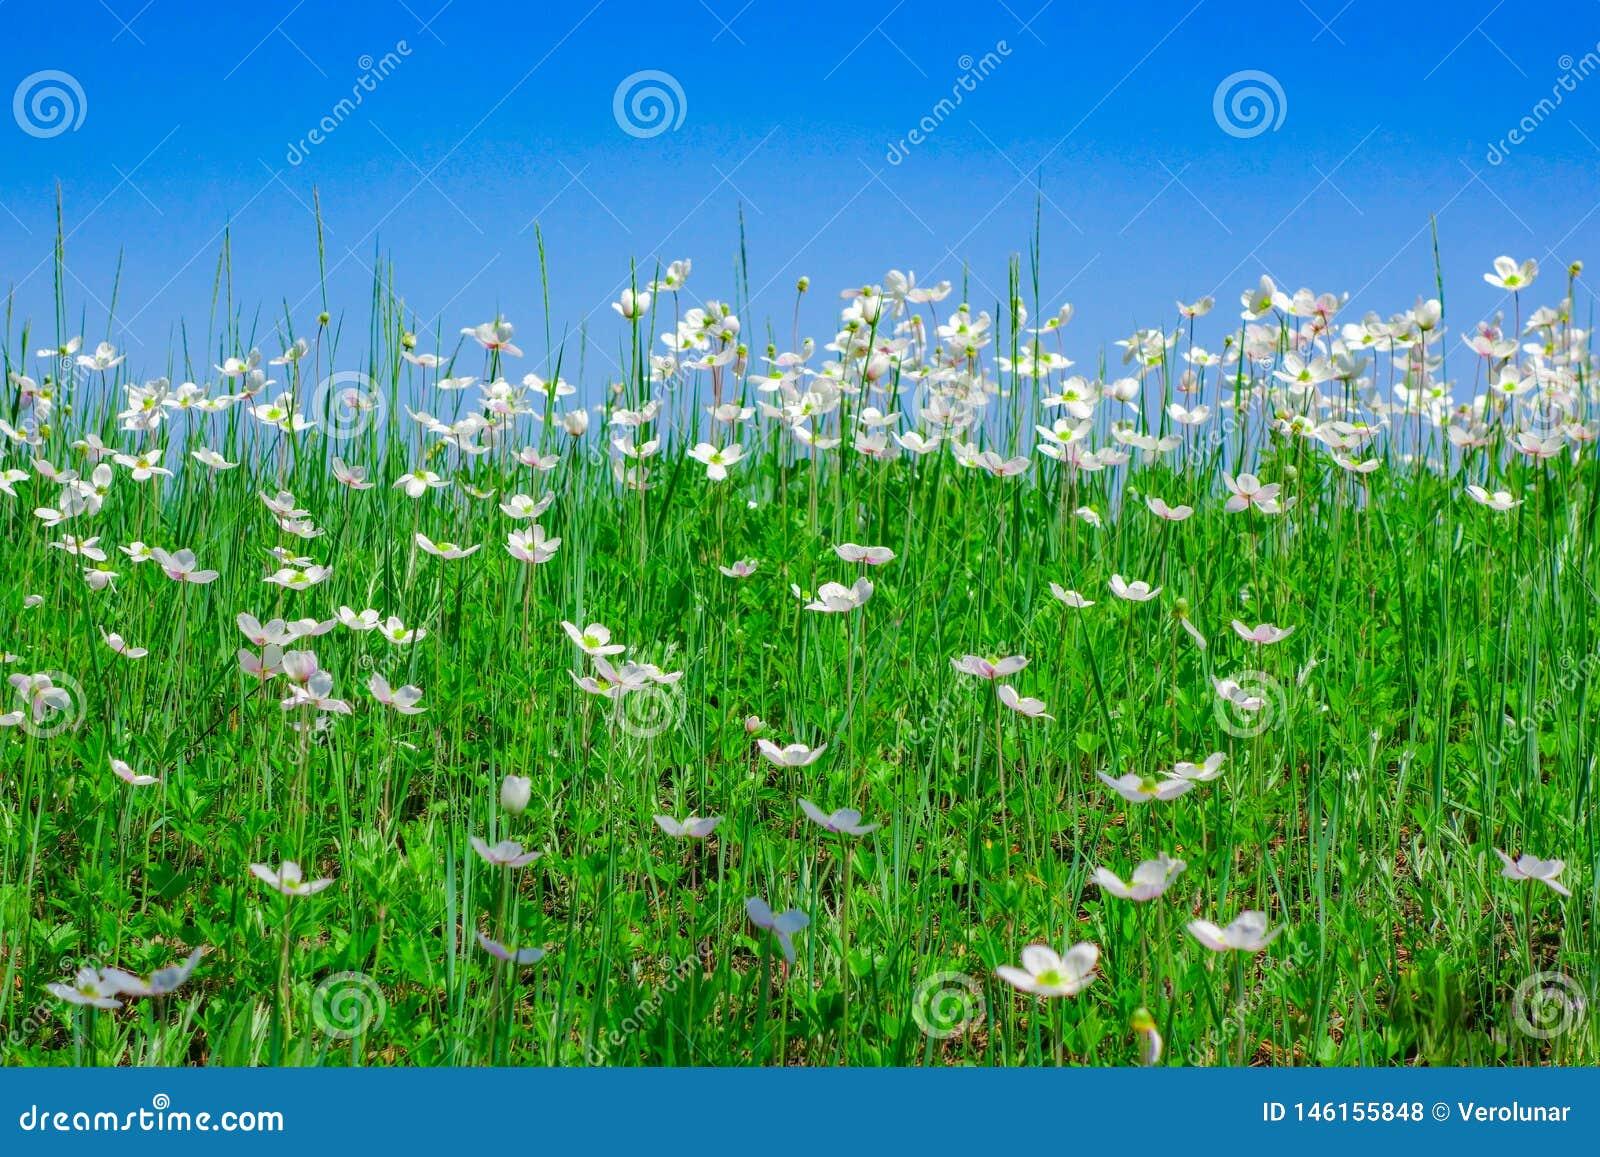 Blå himmel över ett fält av vita blommor